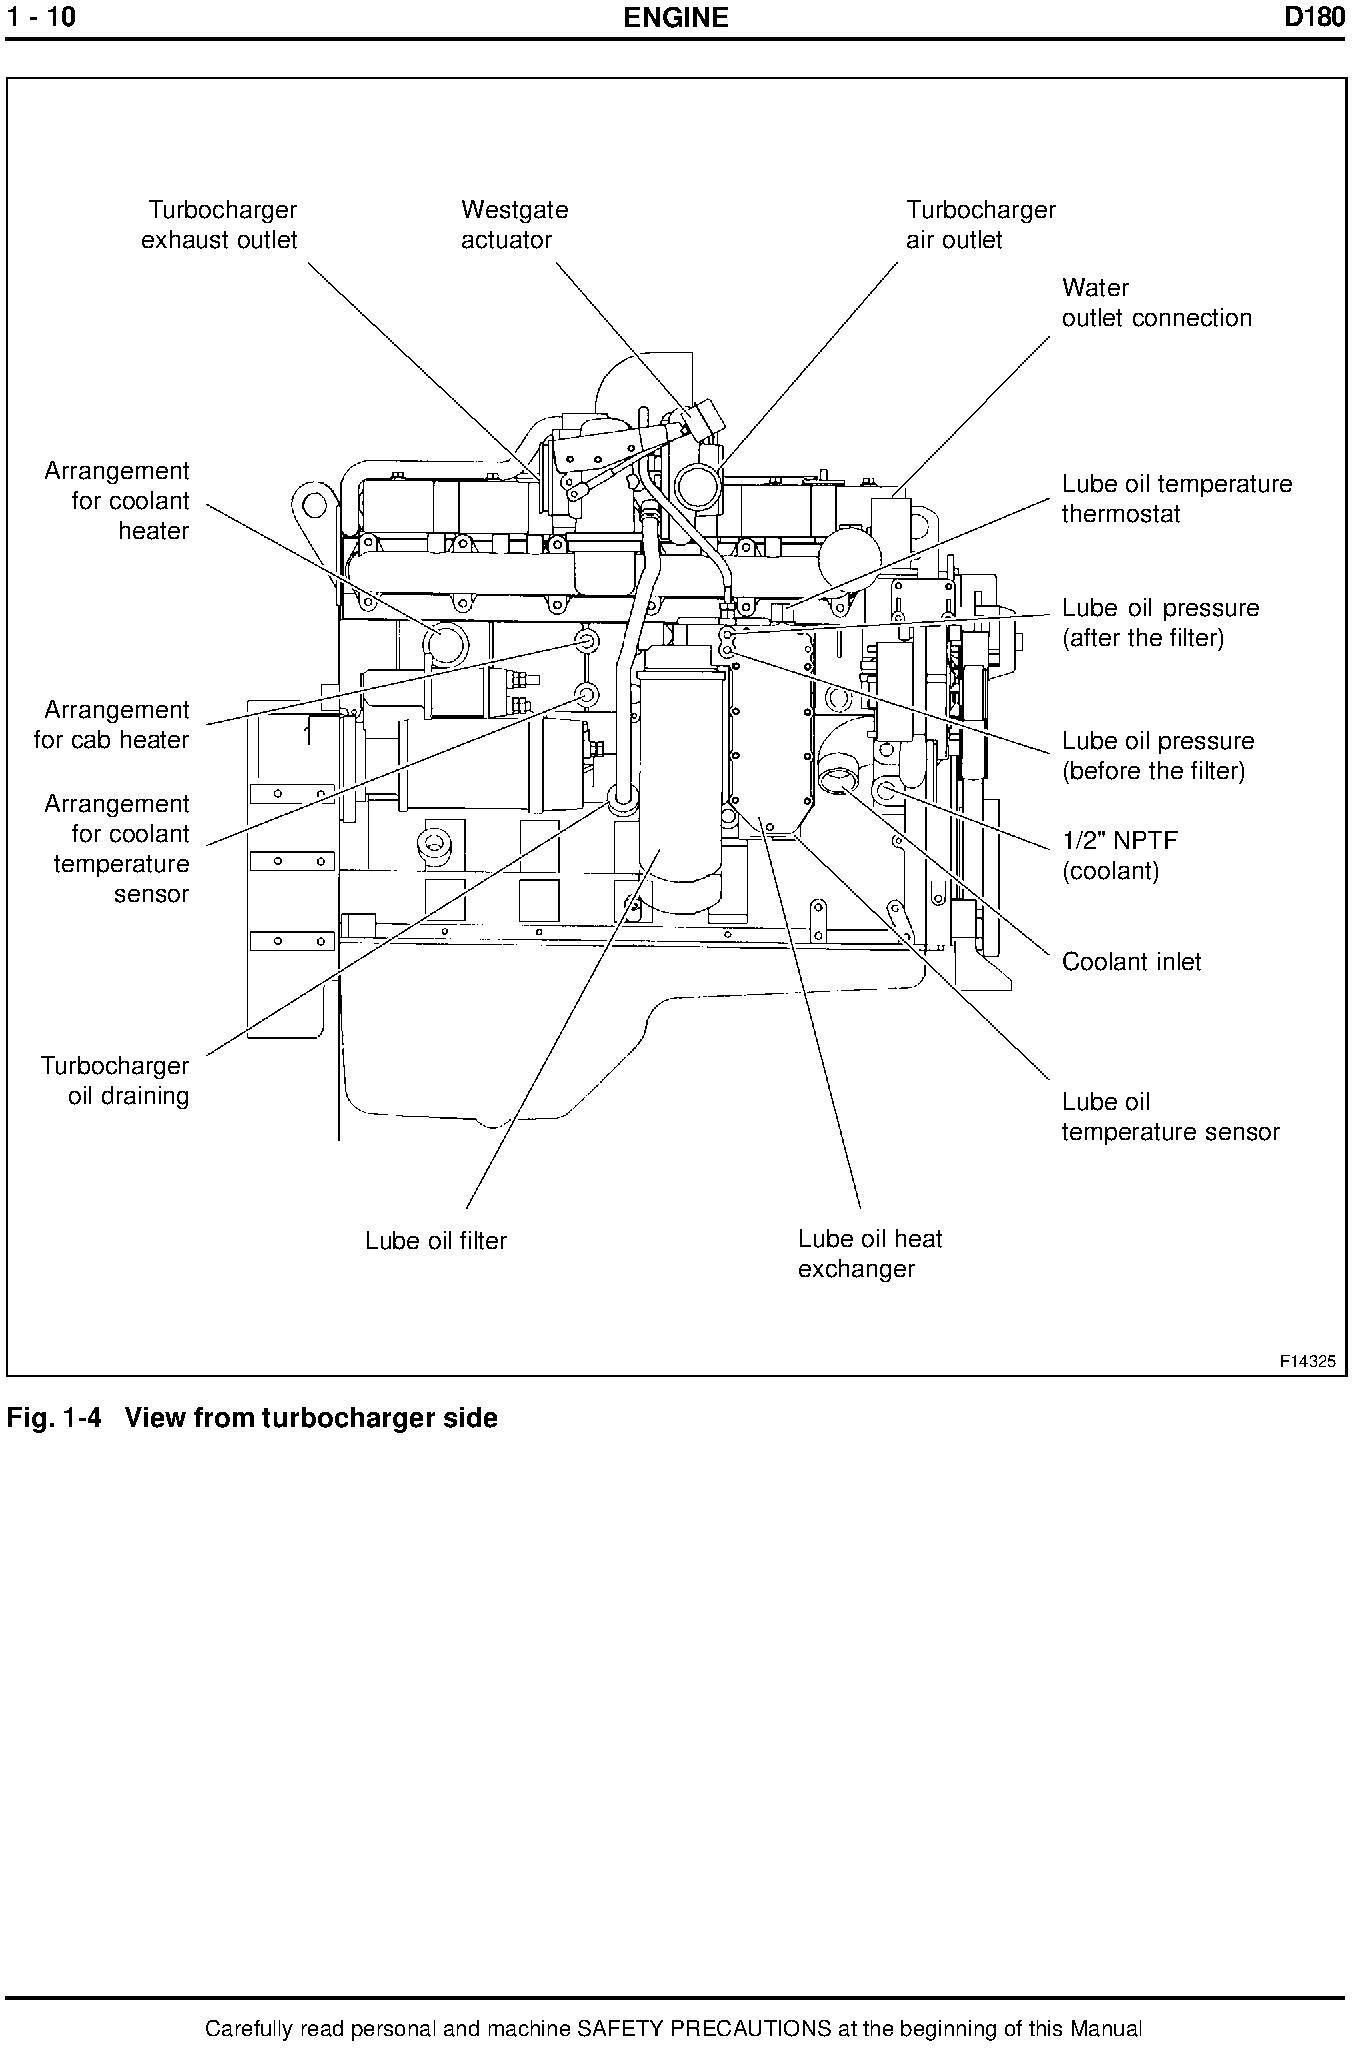 New Holland D180 Crawler Dozer Service Manual - 2